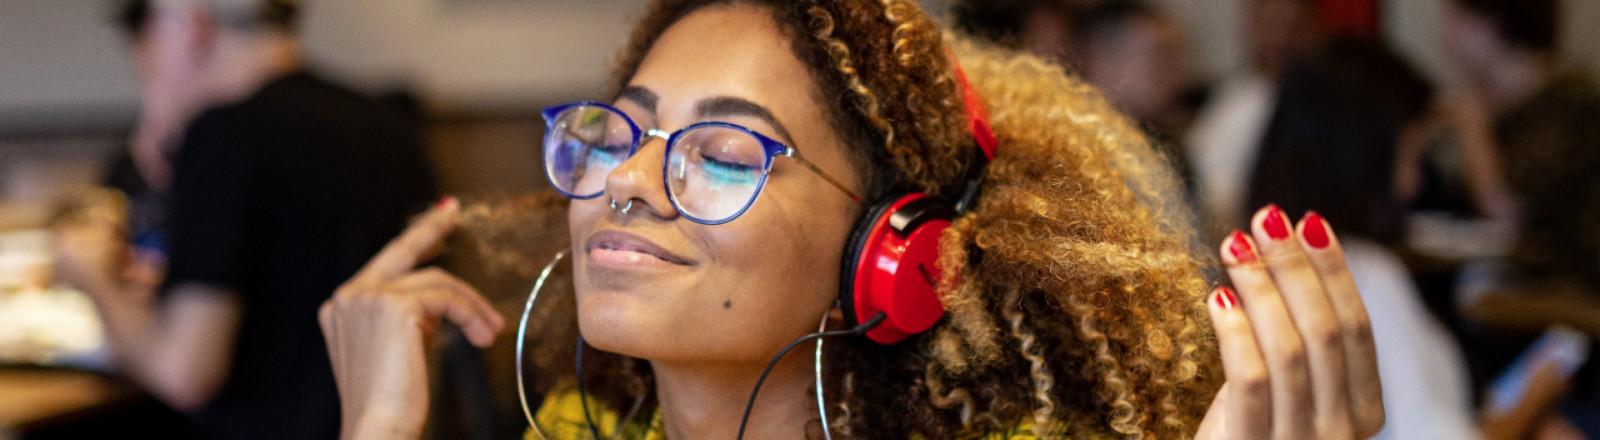 Frau hört Musik und ist glücklich